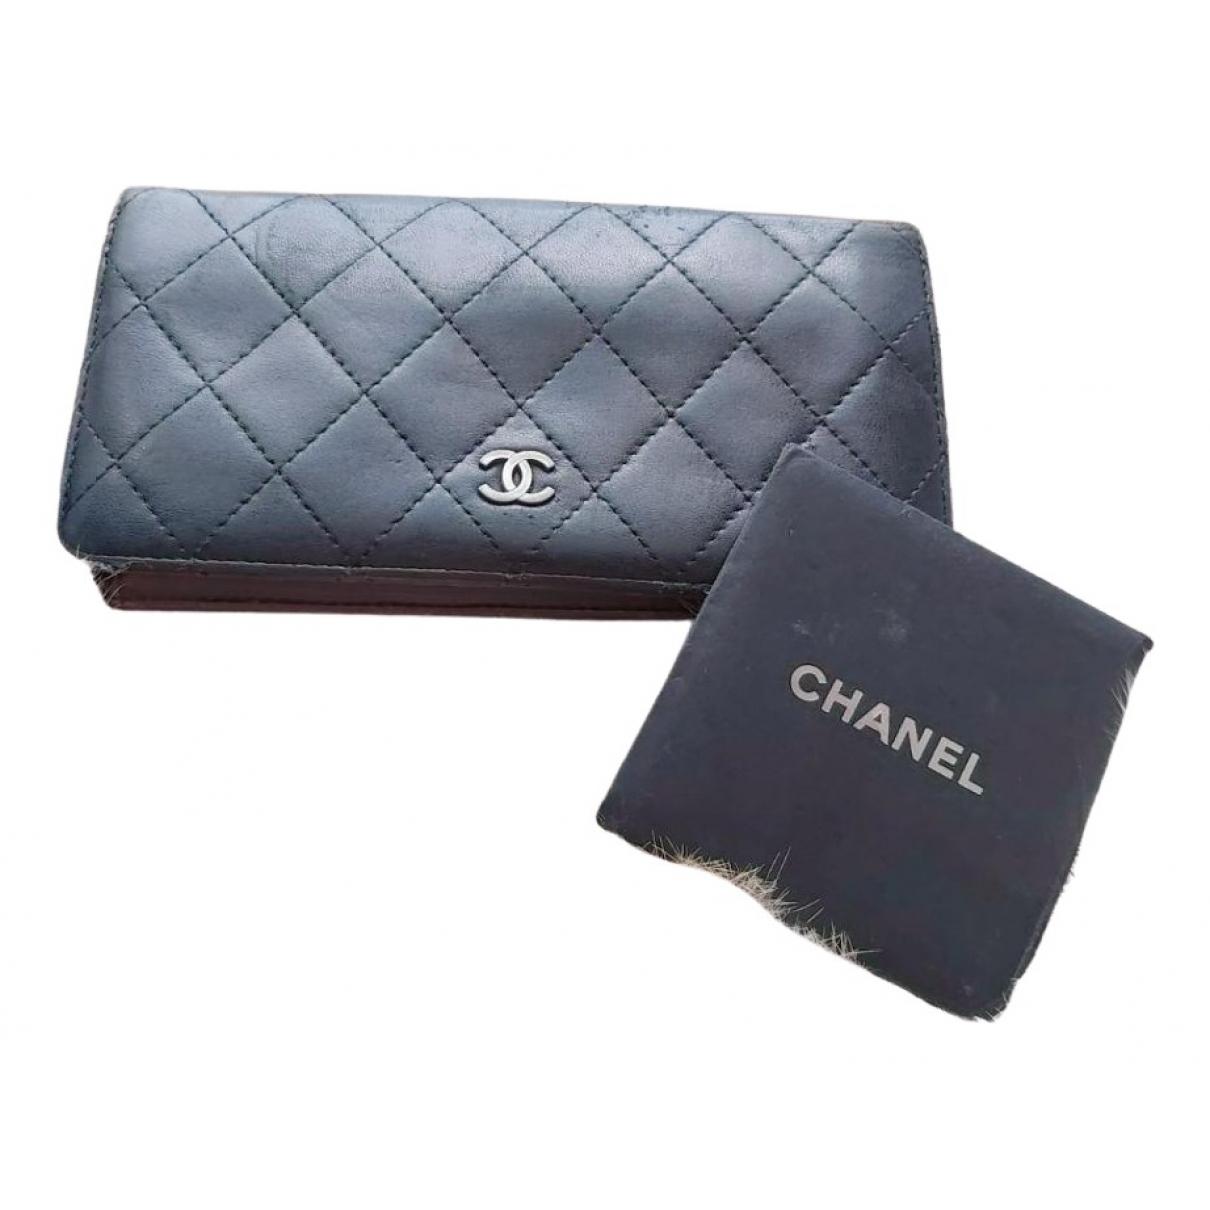 Chanel - Portefeuille Timeless/Classique pour femme en cuir - noir